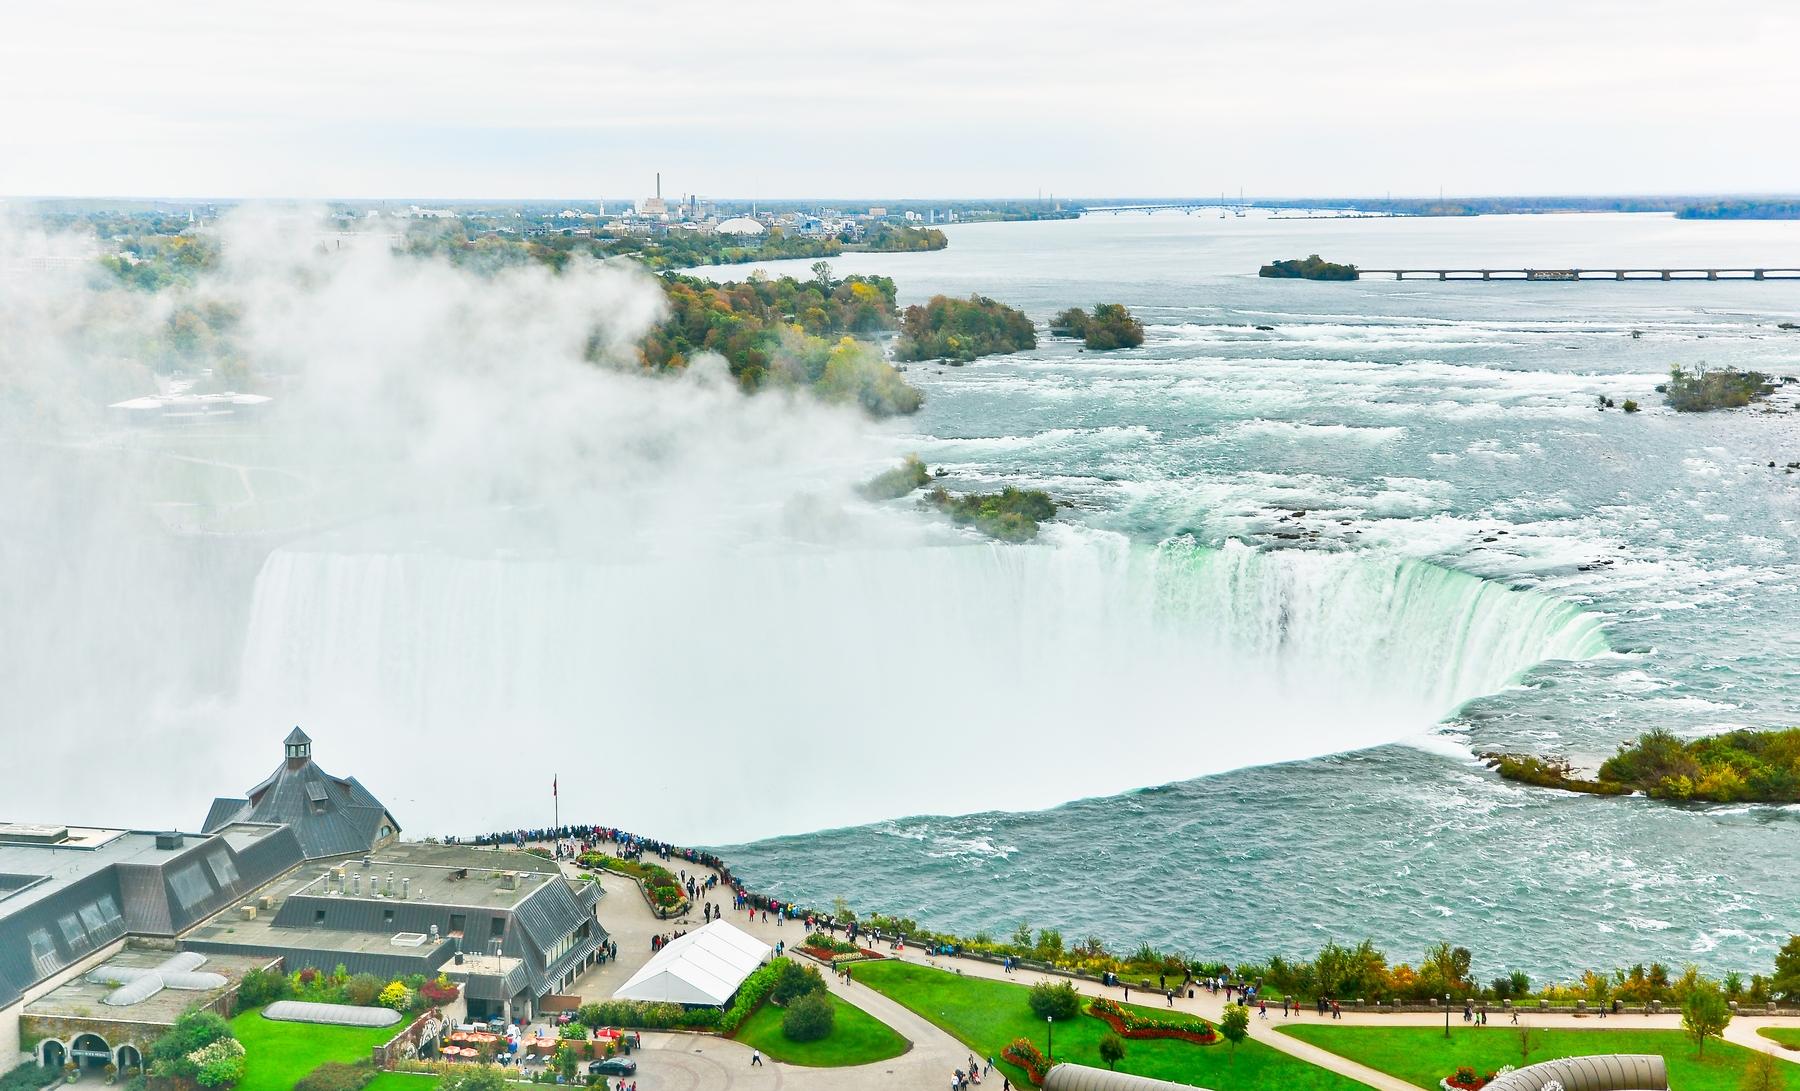 an aerial view of Niagara Falls